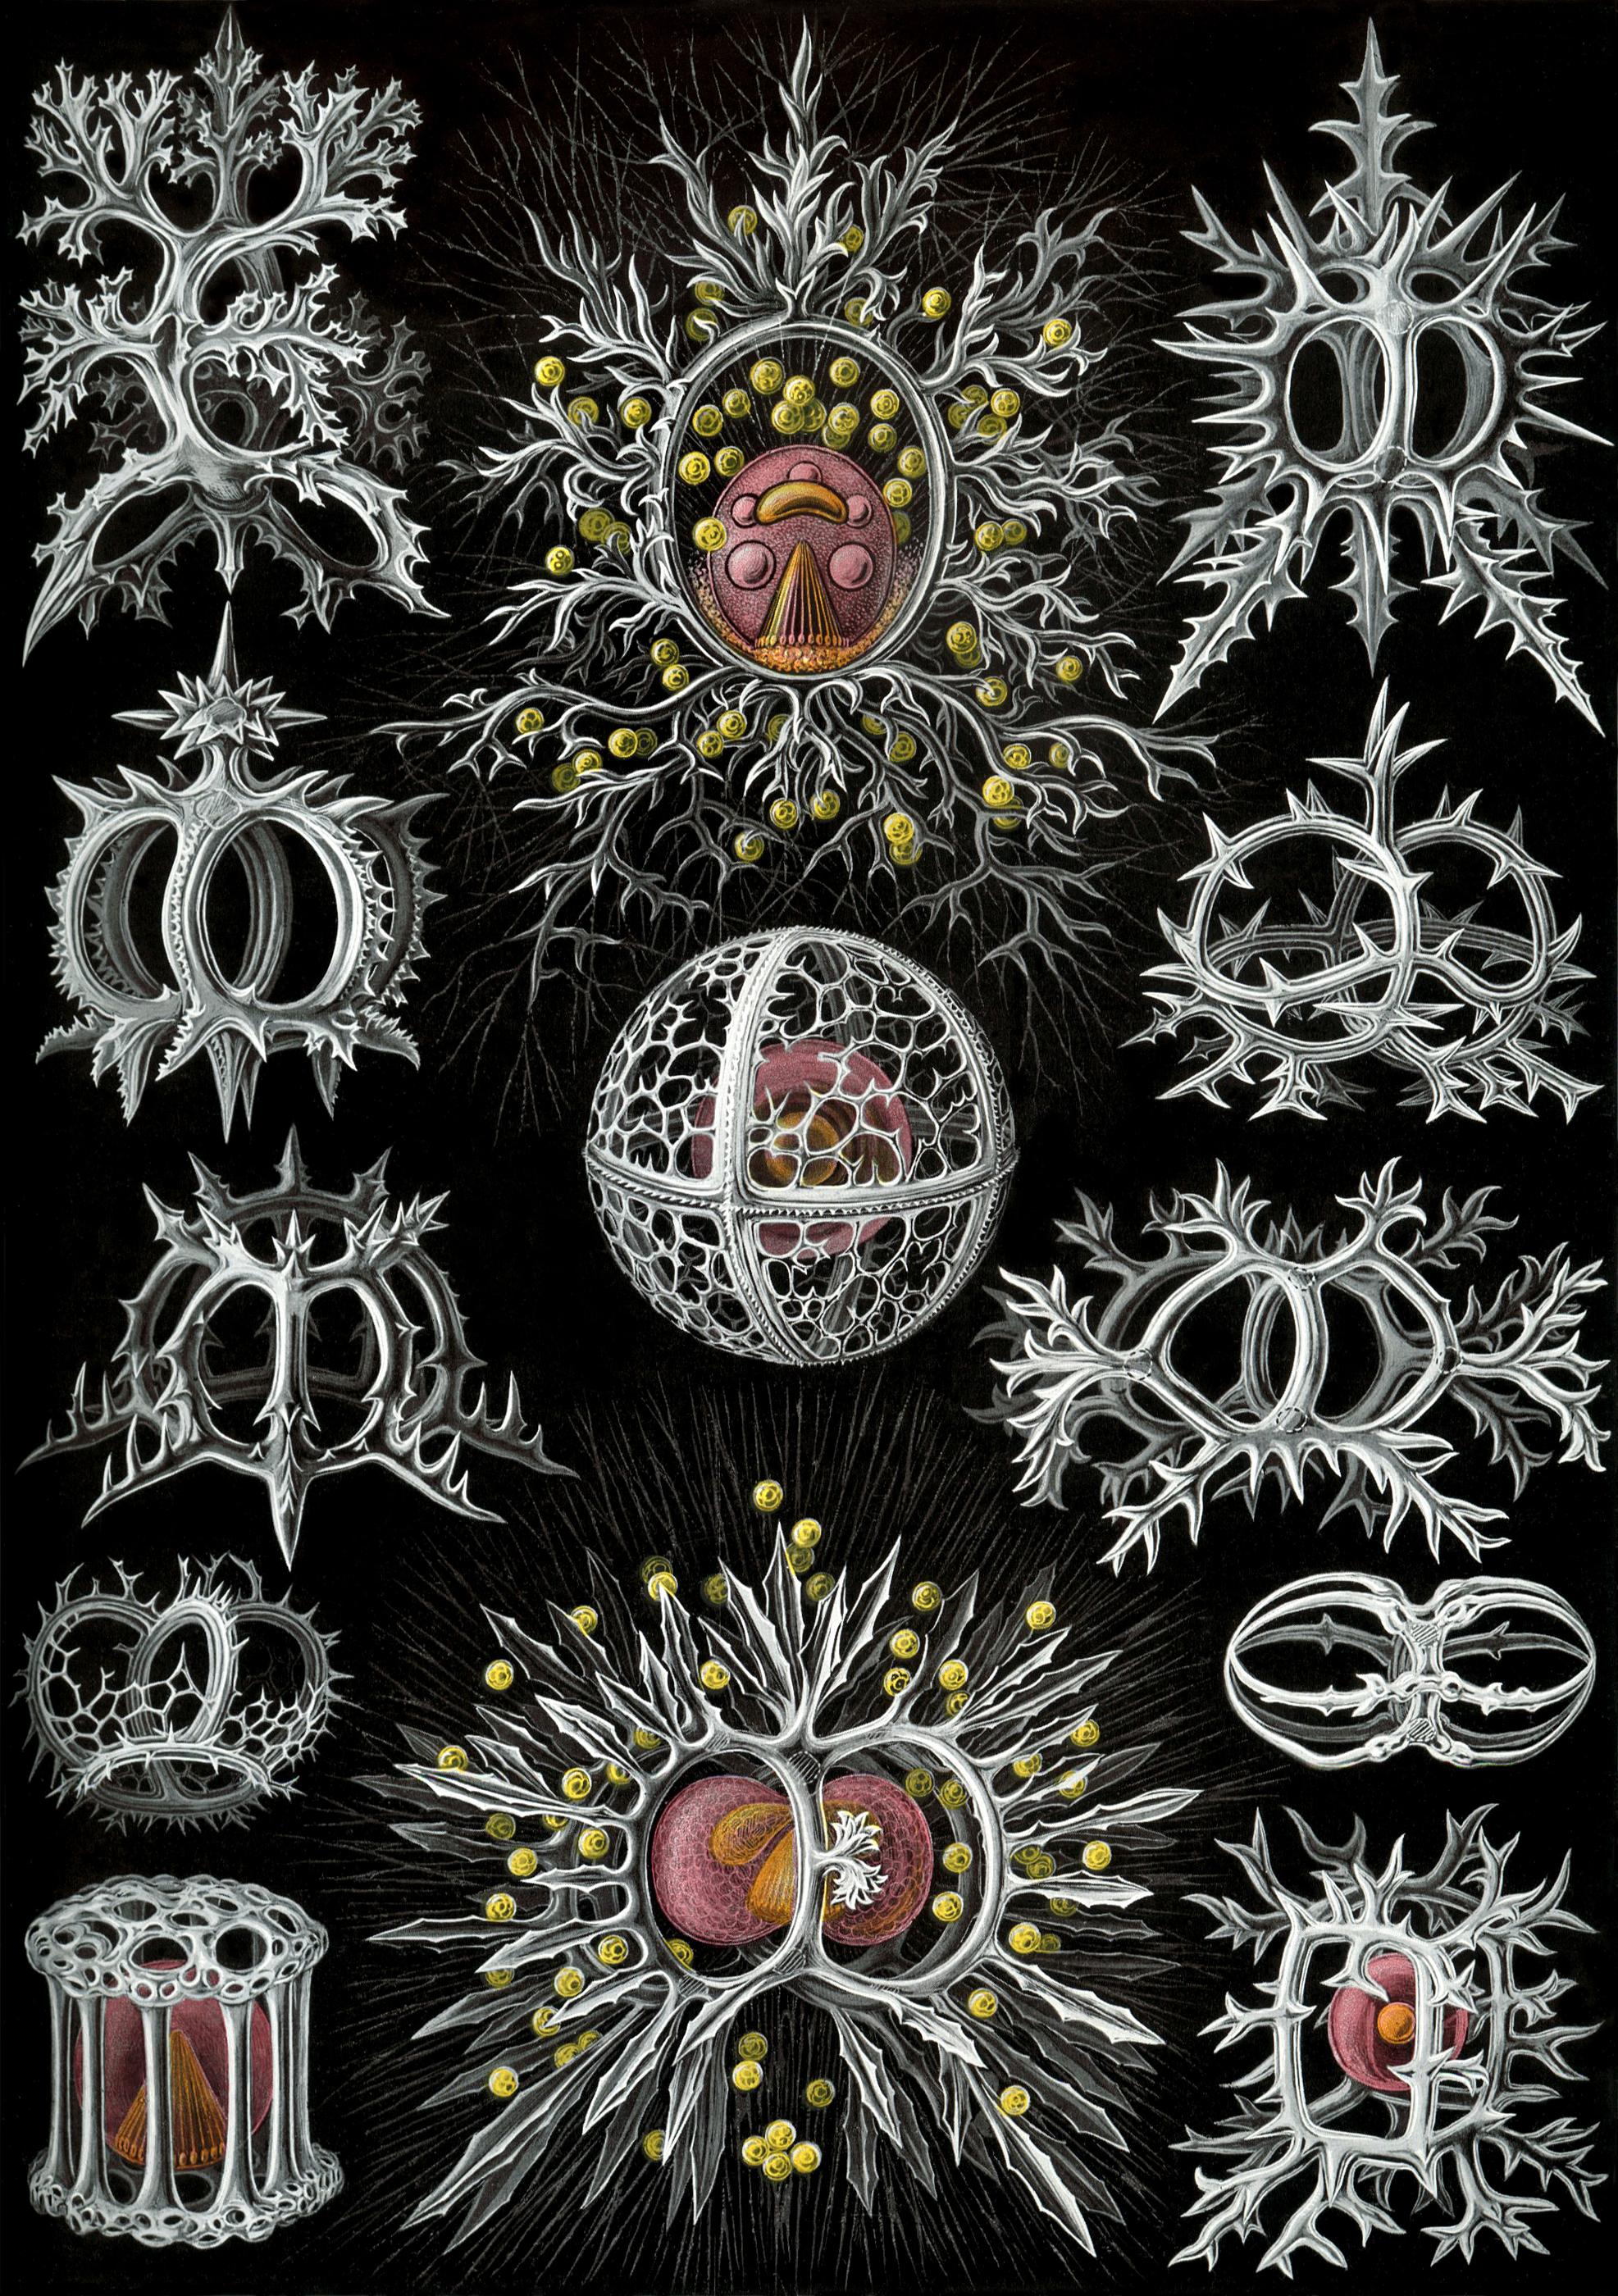 Haeckel_Stephoidea_edit.jpg